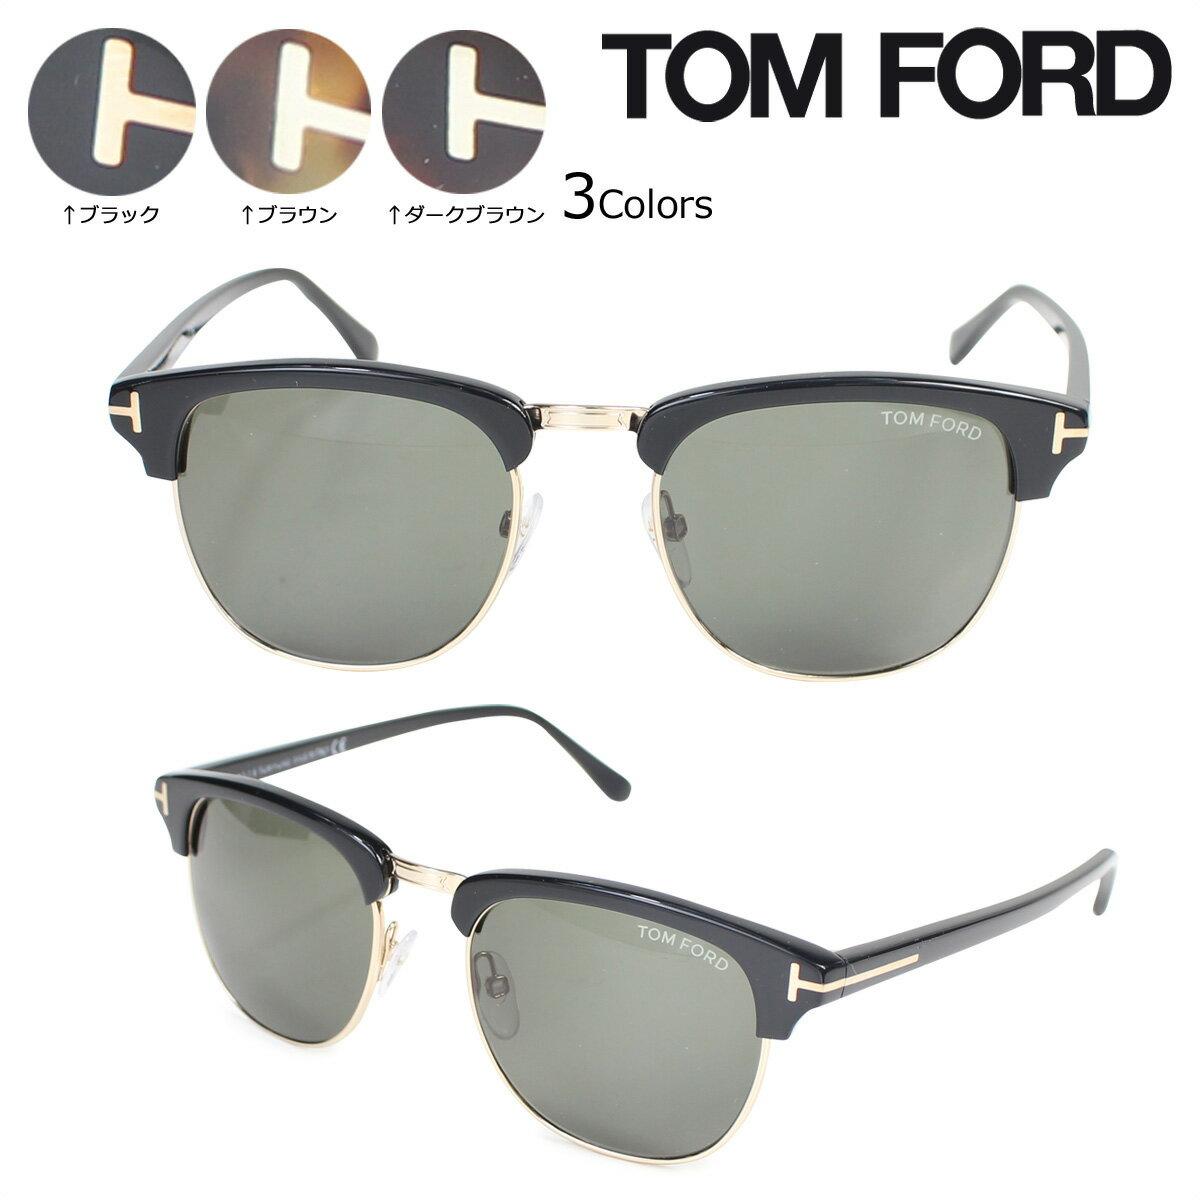 【最大2000円OFFクーポン】 トムフォード TOM FORD サングラス メガネ メンズ レディース アイウェア FT0248 HENRY SUNGLASSES 3カラー